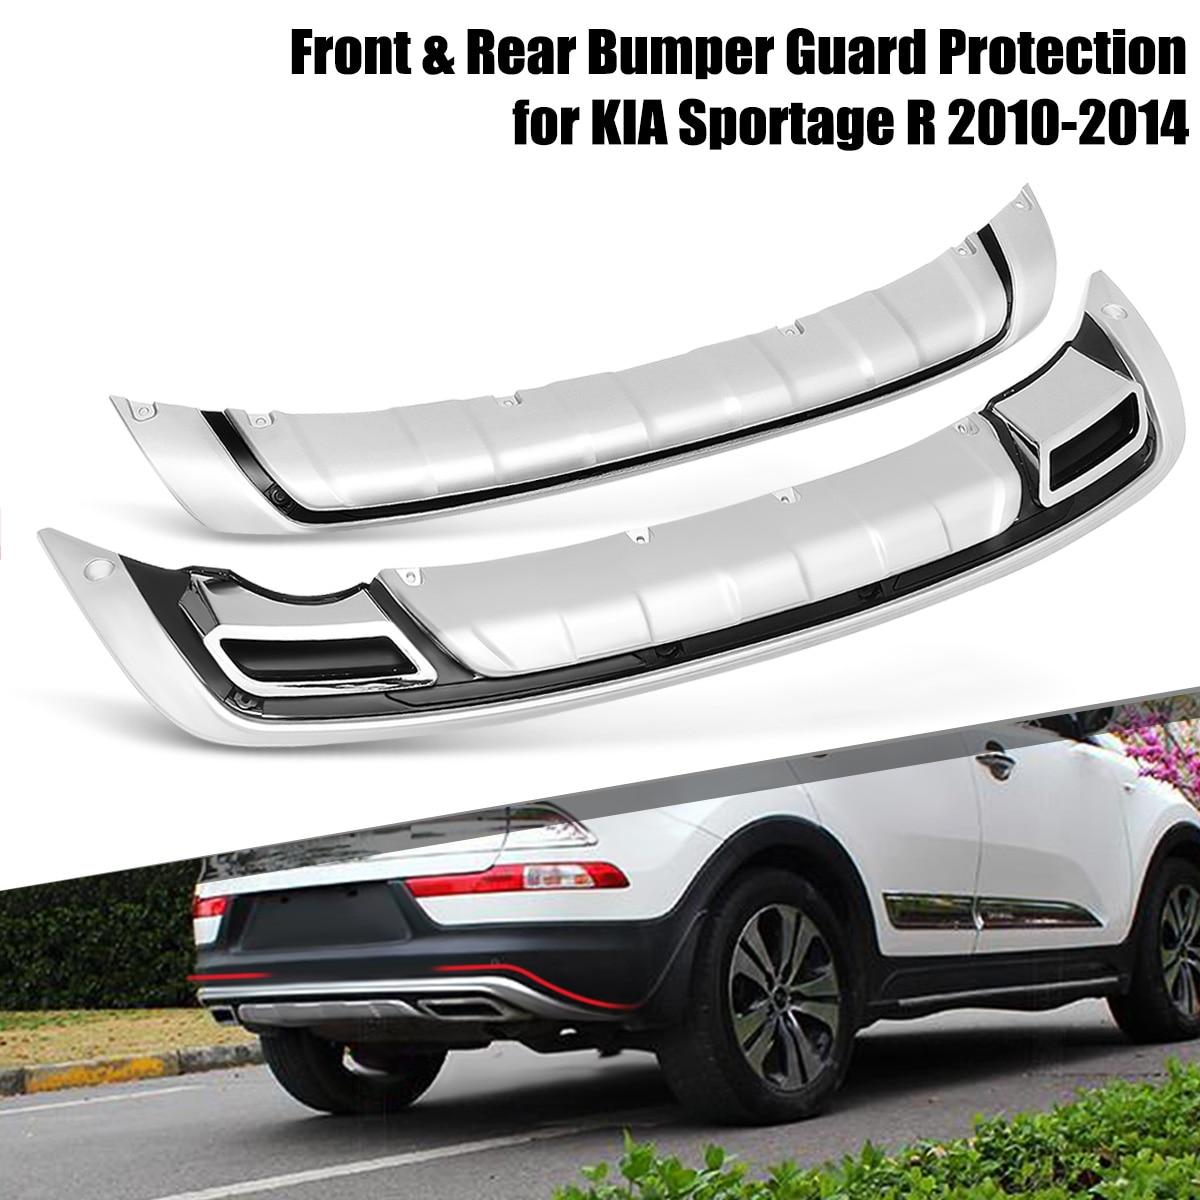 2 pçs/set Proteção Protetor Bumper Bumpers Capa Guarda Dianteira E Traseira Do Carro ABS Para KIA Sportage R 2010 2011 2012 2013 2014